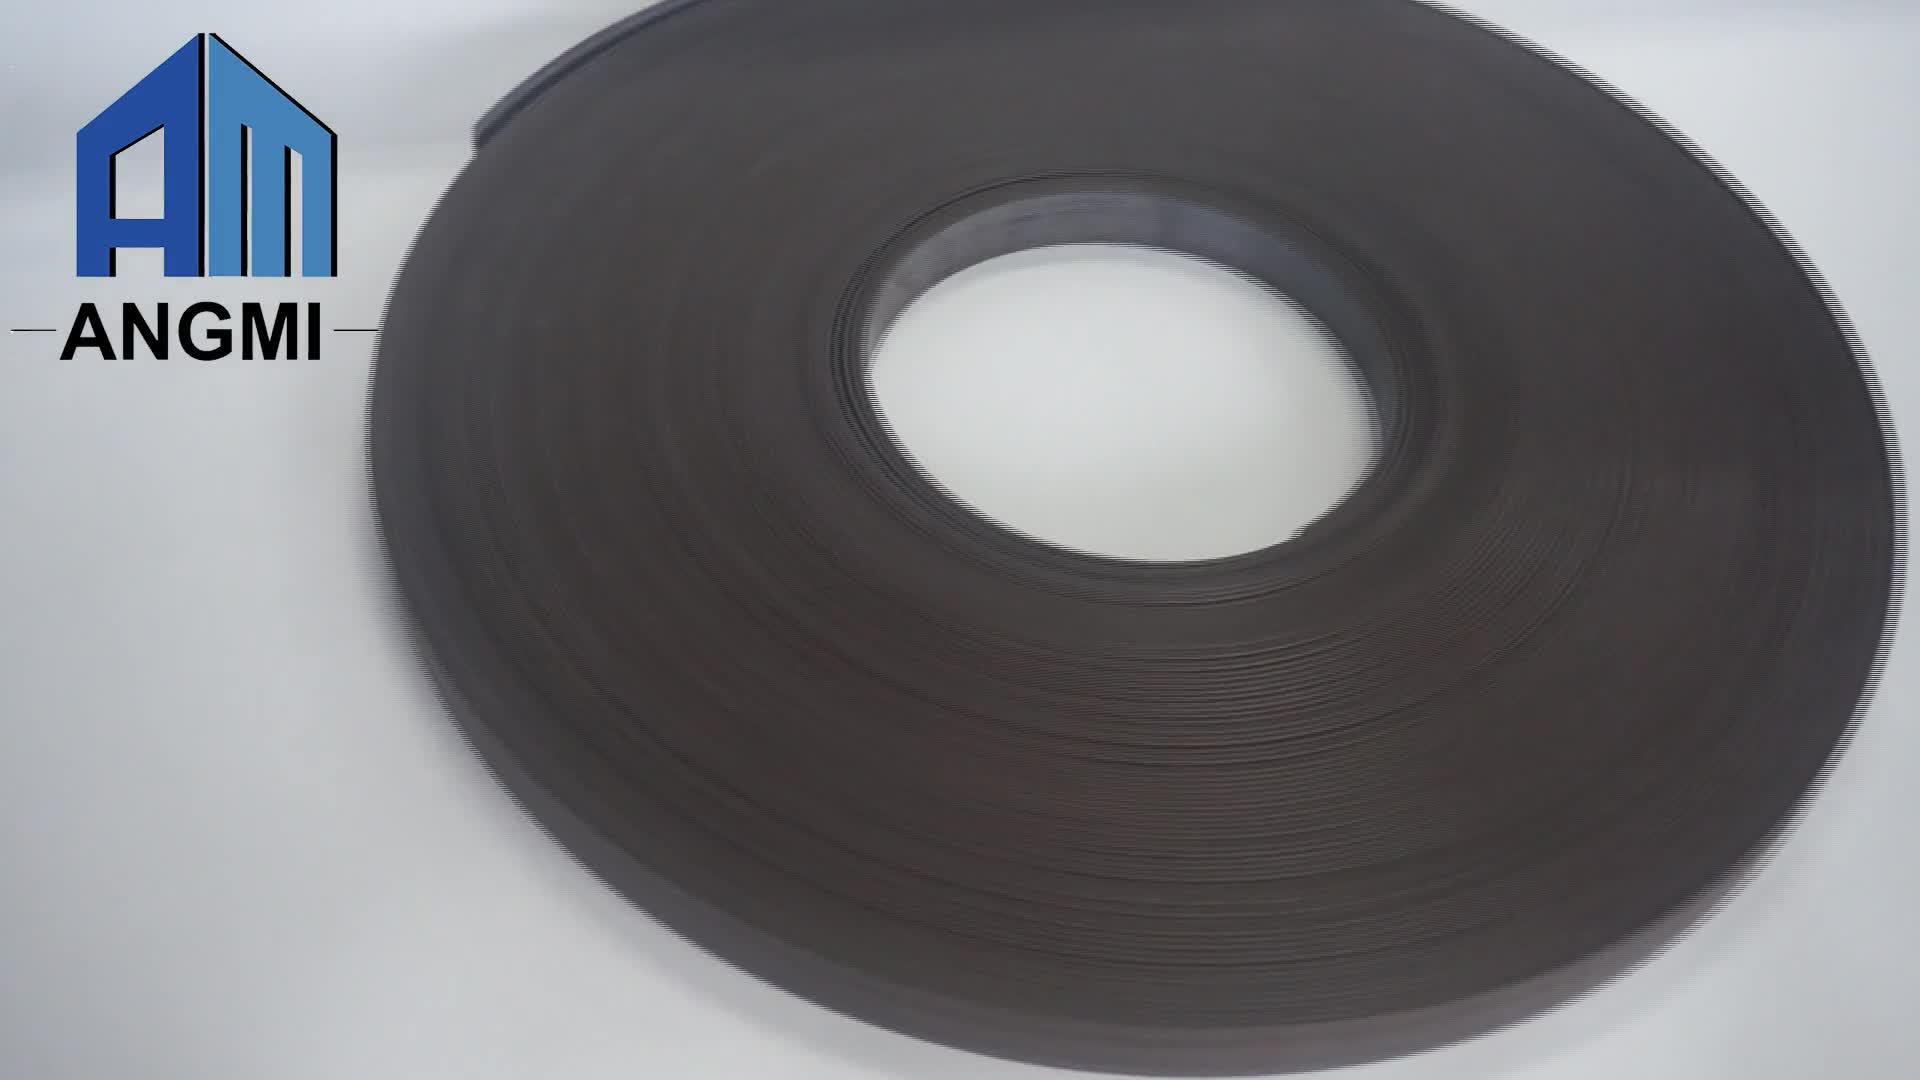 2mm kenar bantlama klasik tik renk bantlama kenar mobilya için PVC kenar bantlama düzeltici bant kabartmalı kaplama